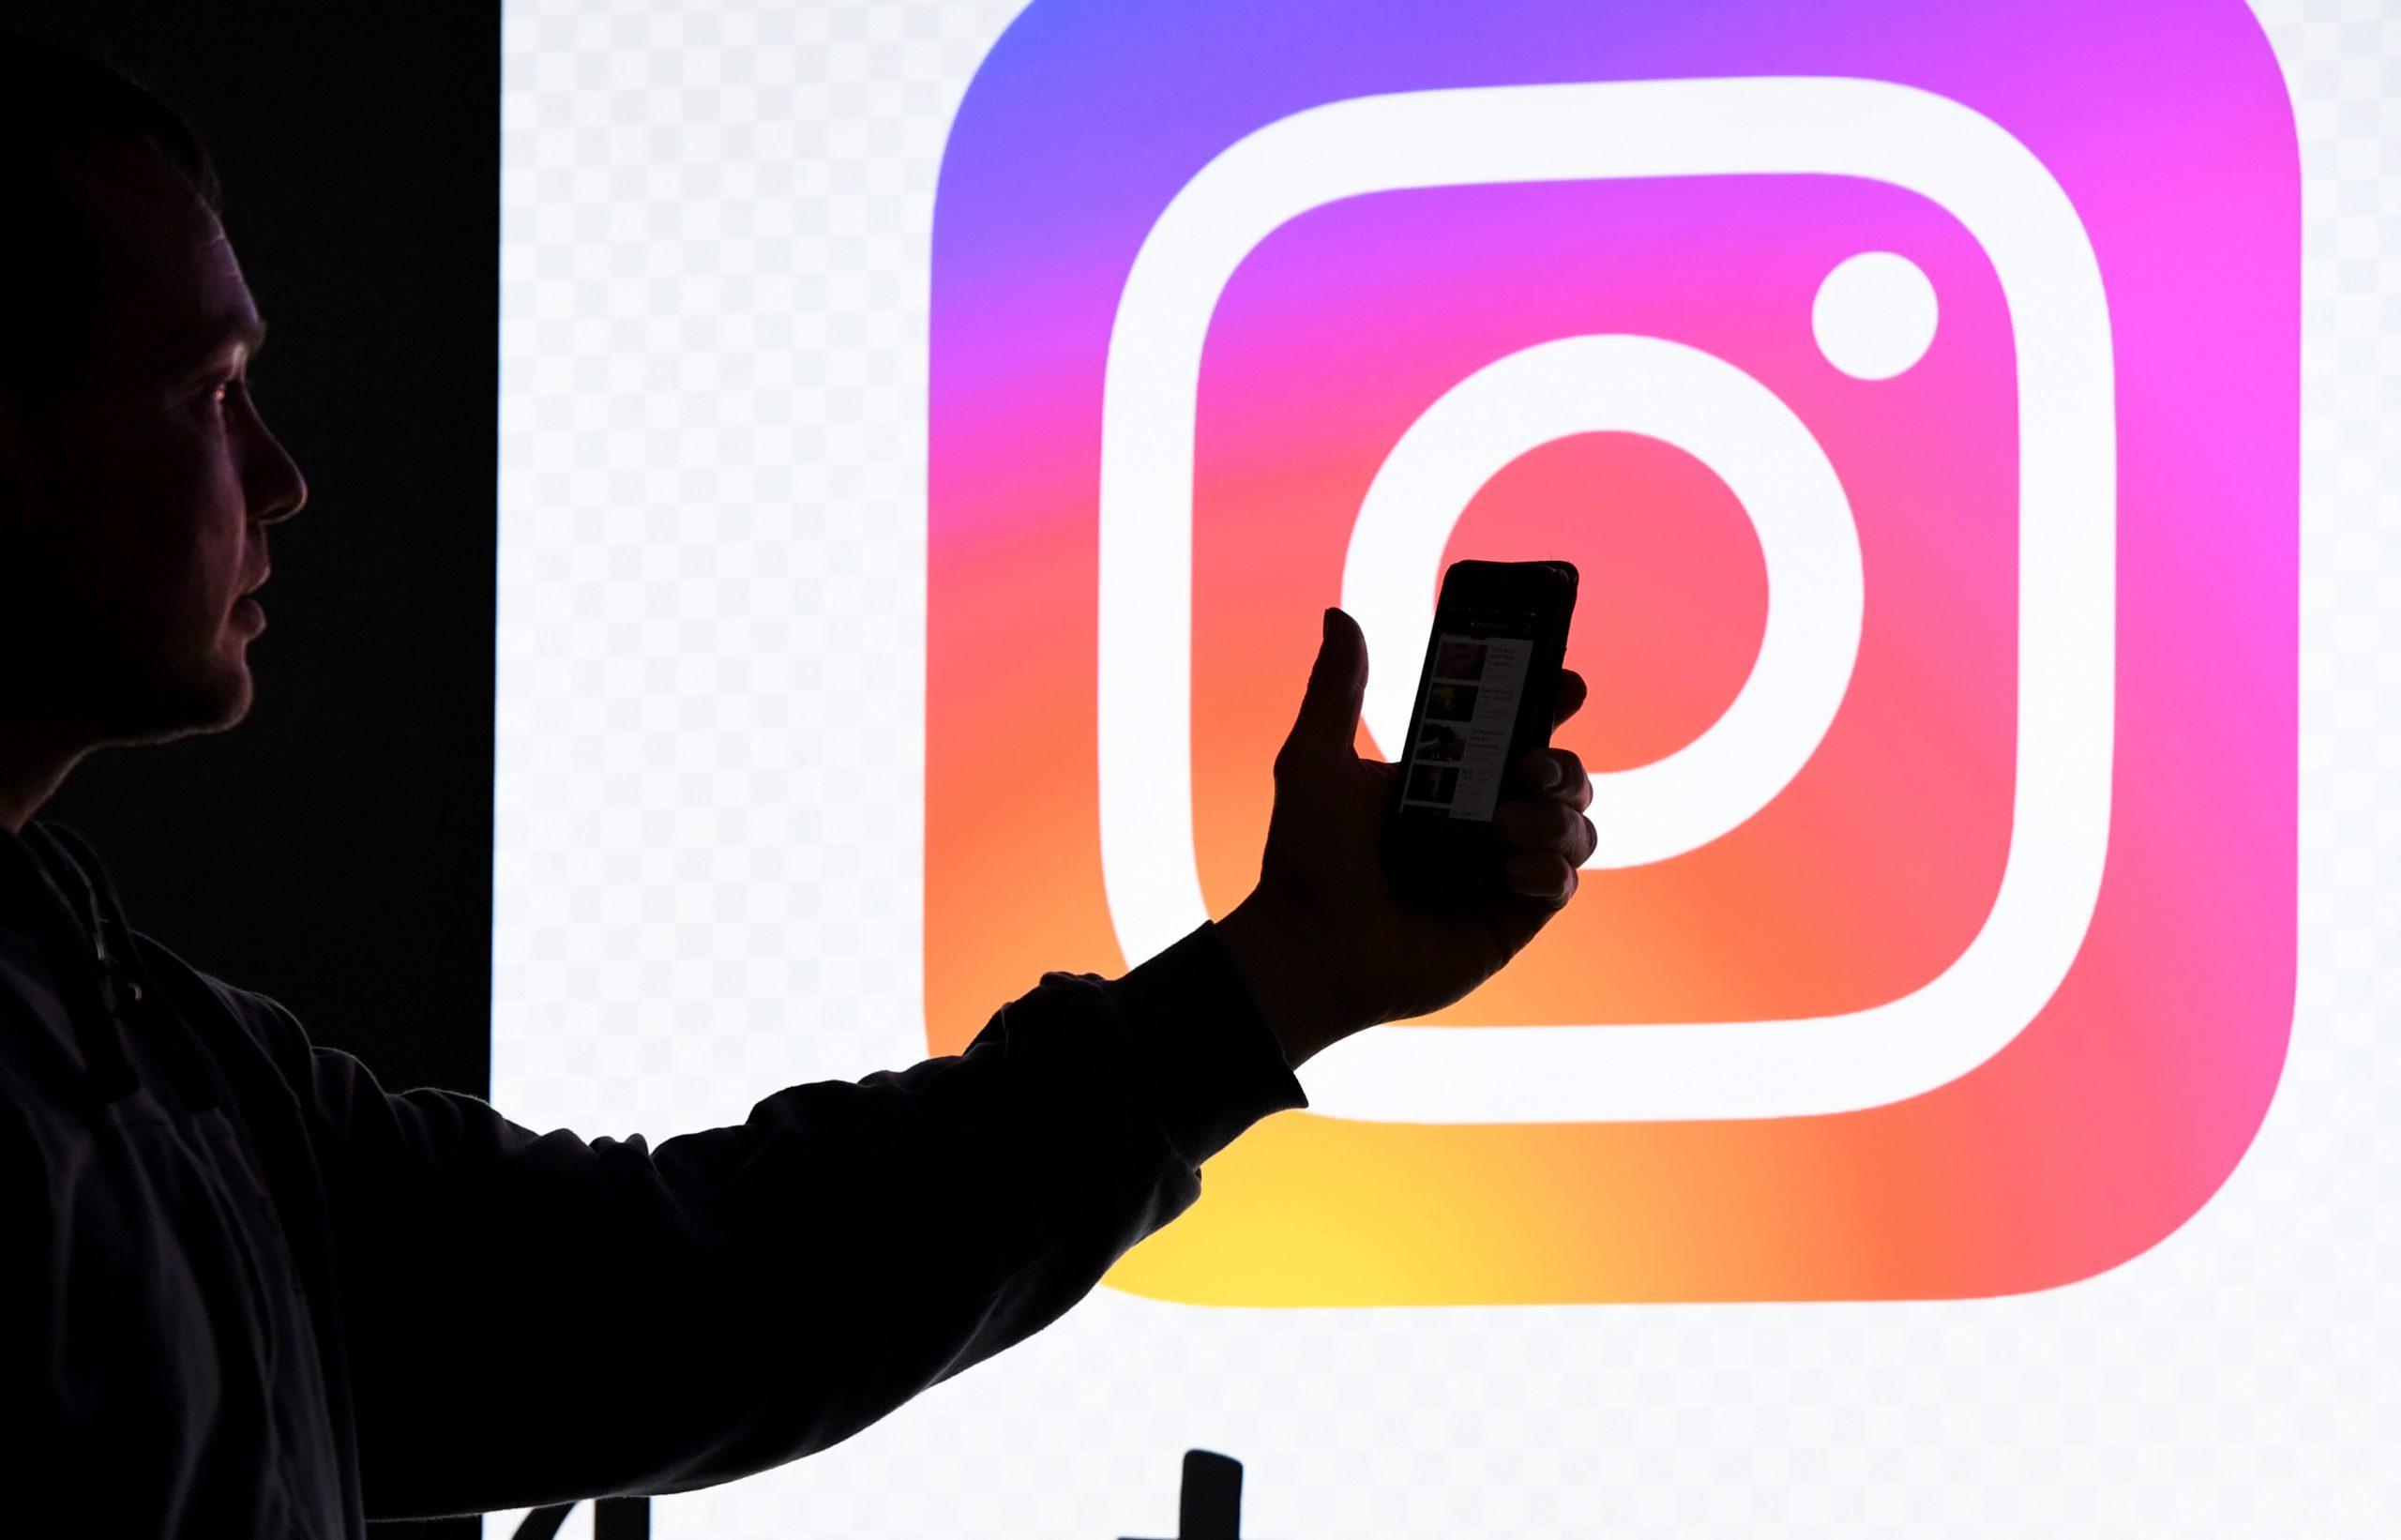 Instagram a publié un article décrivant les coulisses des machines qui remplissent l'onglet Explore de contenu personnalisé chaque fois que vous l'ouvrez.